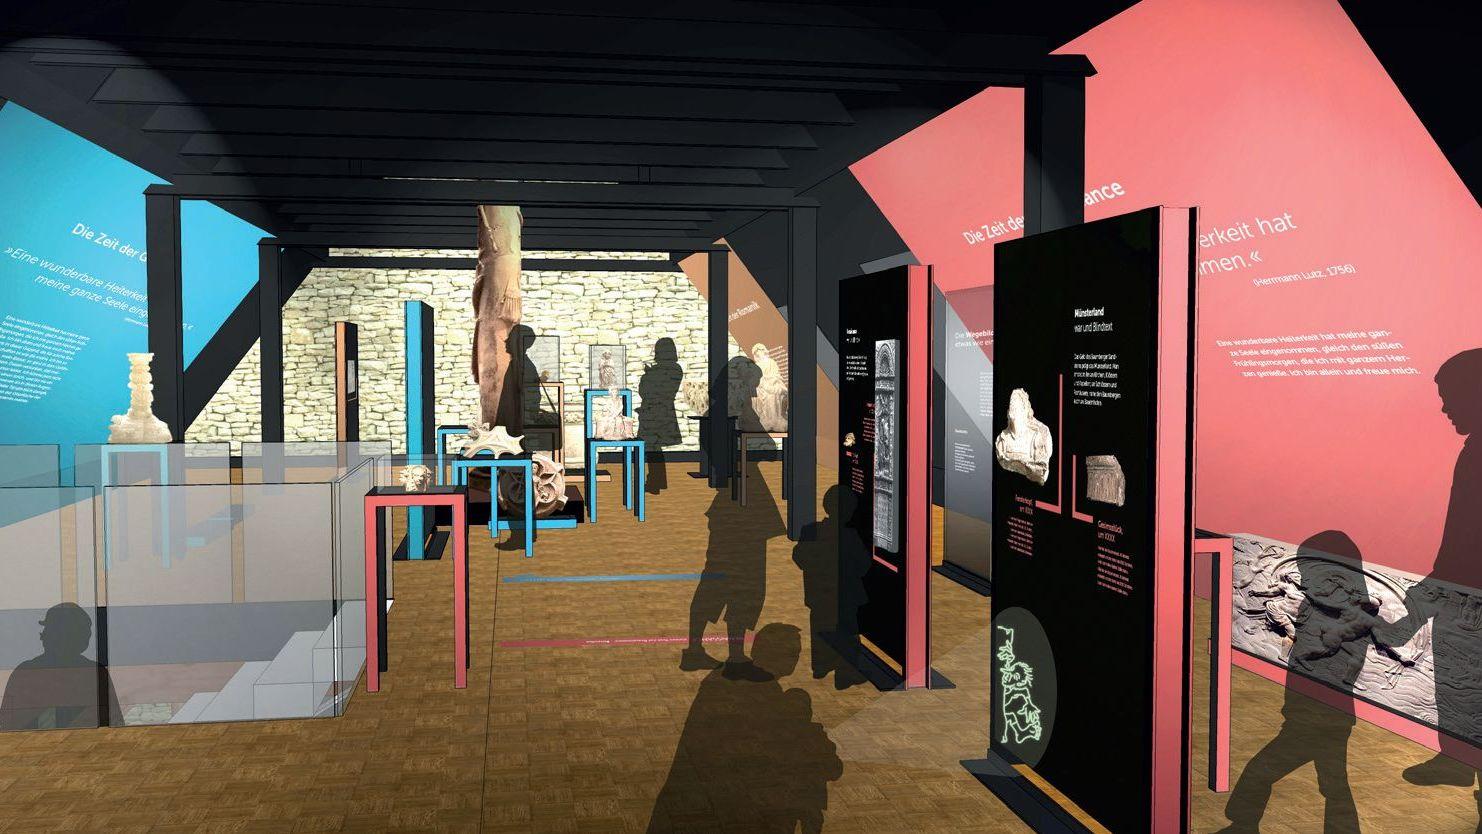 Aufbau einer baukulturell-historischen Ausstellung als touristischer Wegweiser in die Region